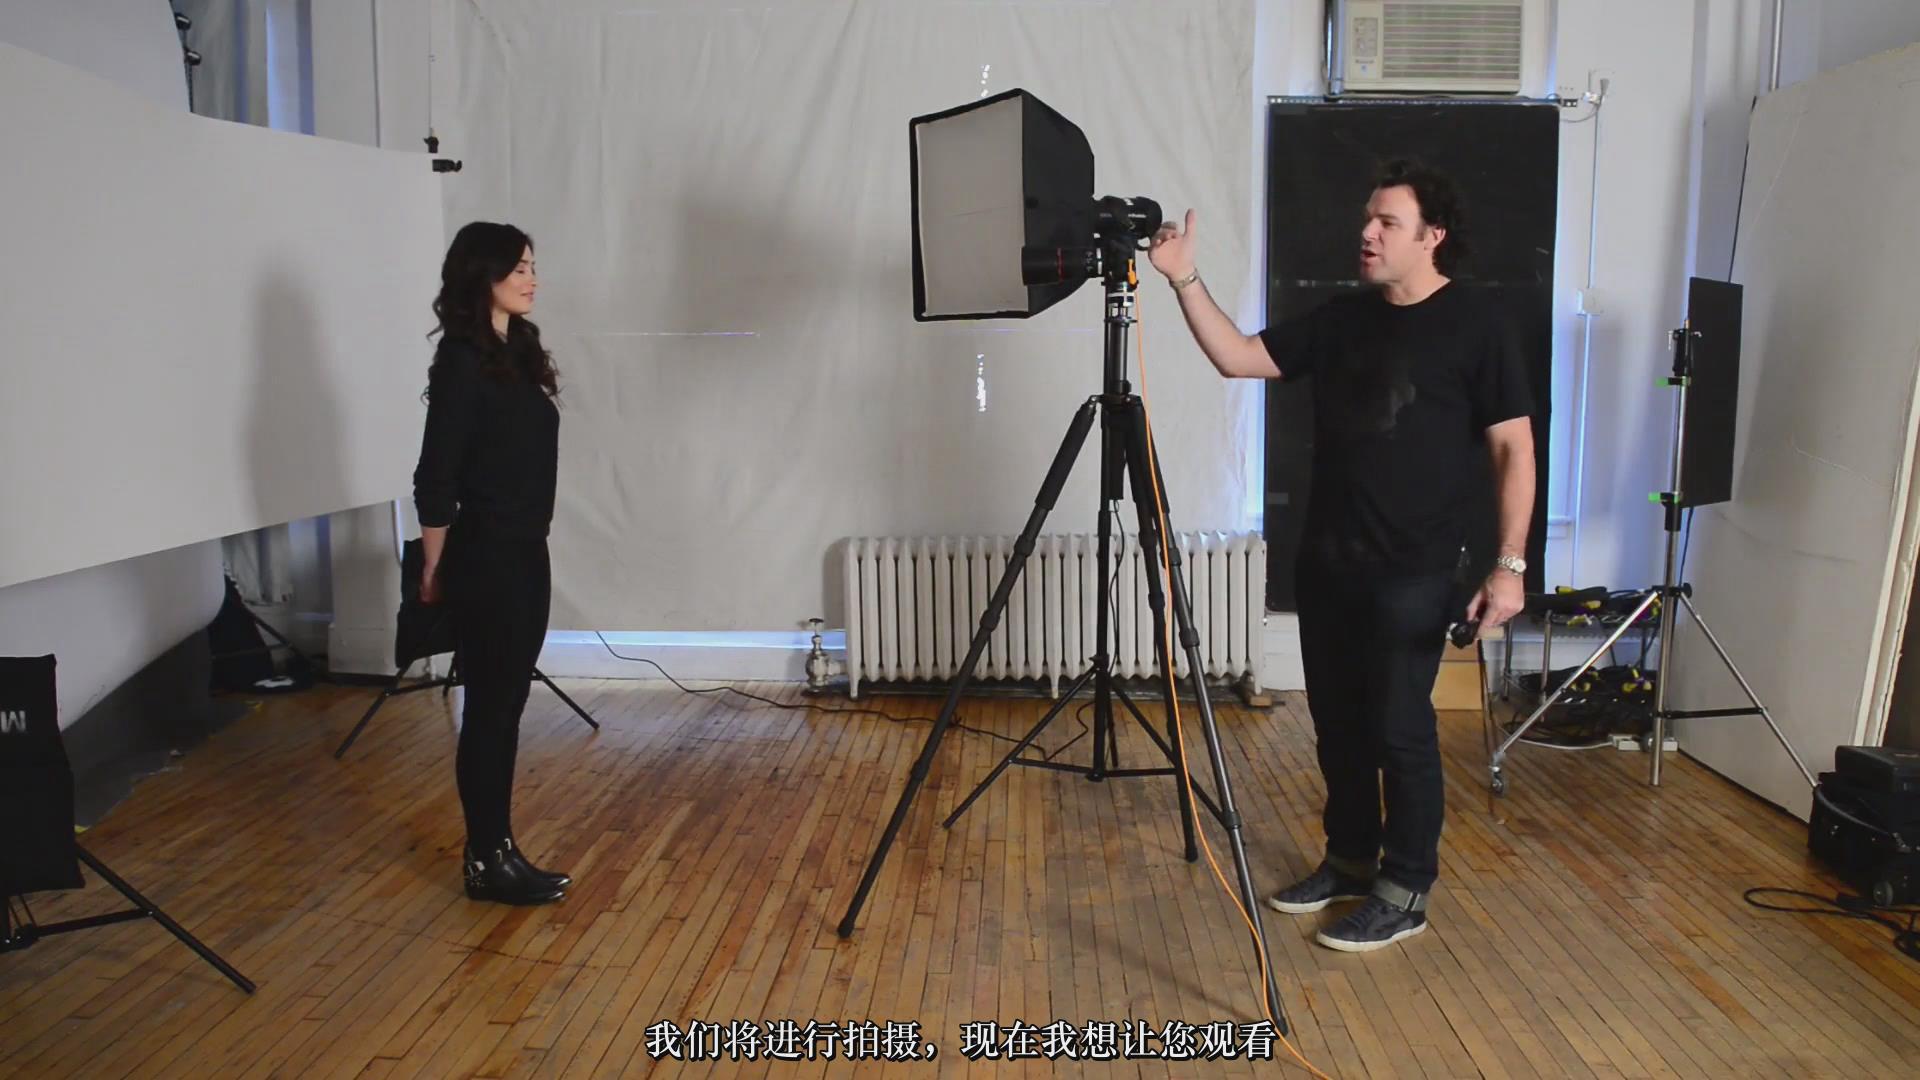 摄影教程_Fstoppers-彼得·赫利(Peter Hurley)完美头像人像面部布光教程-中文字幕 摄影教程 _预览图3